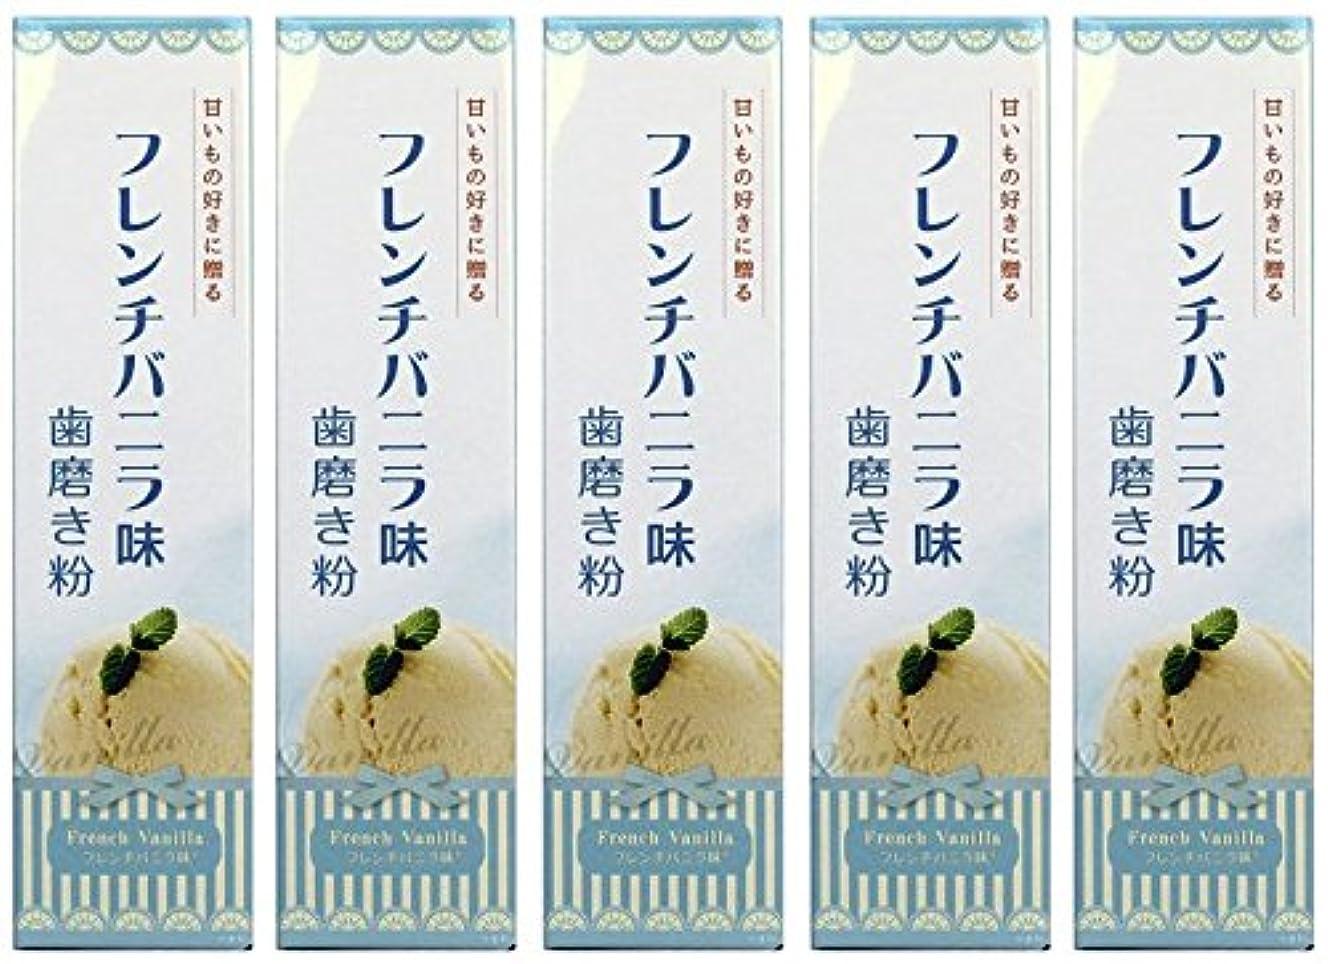 味わうバッフルアーティキュレーションSWEETS 歯磨き粉 バニラ味 70g (5本)